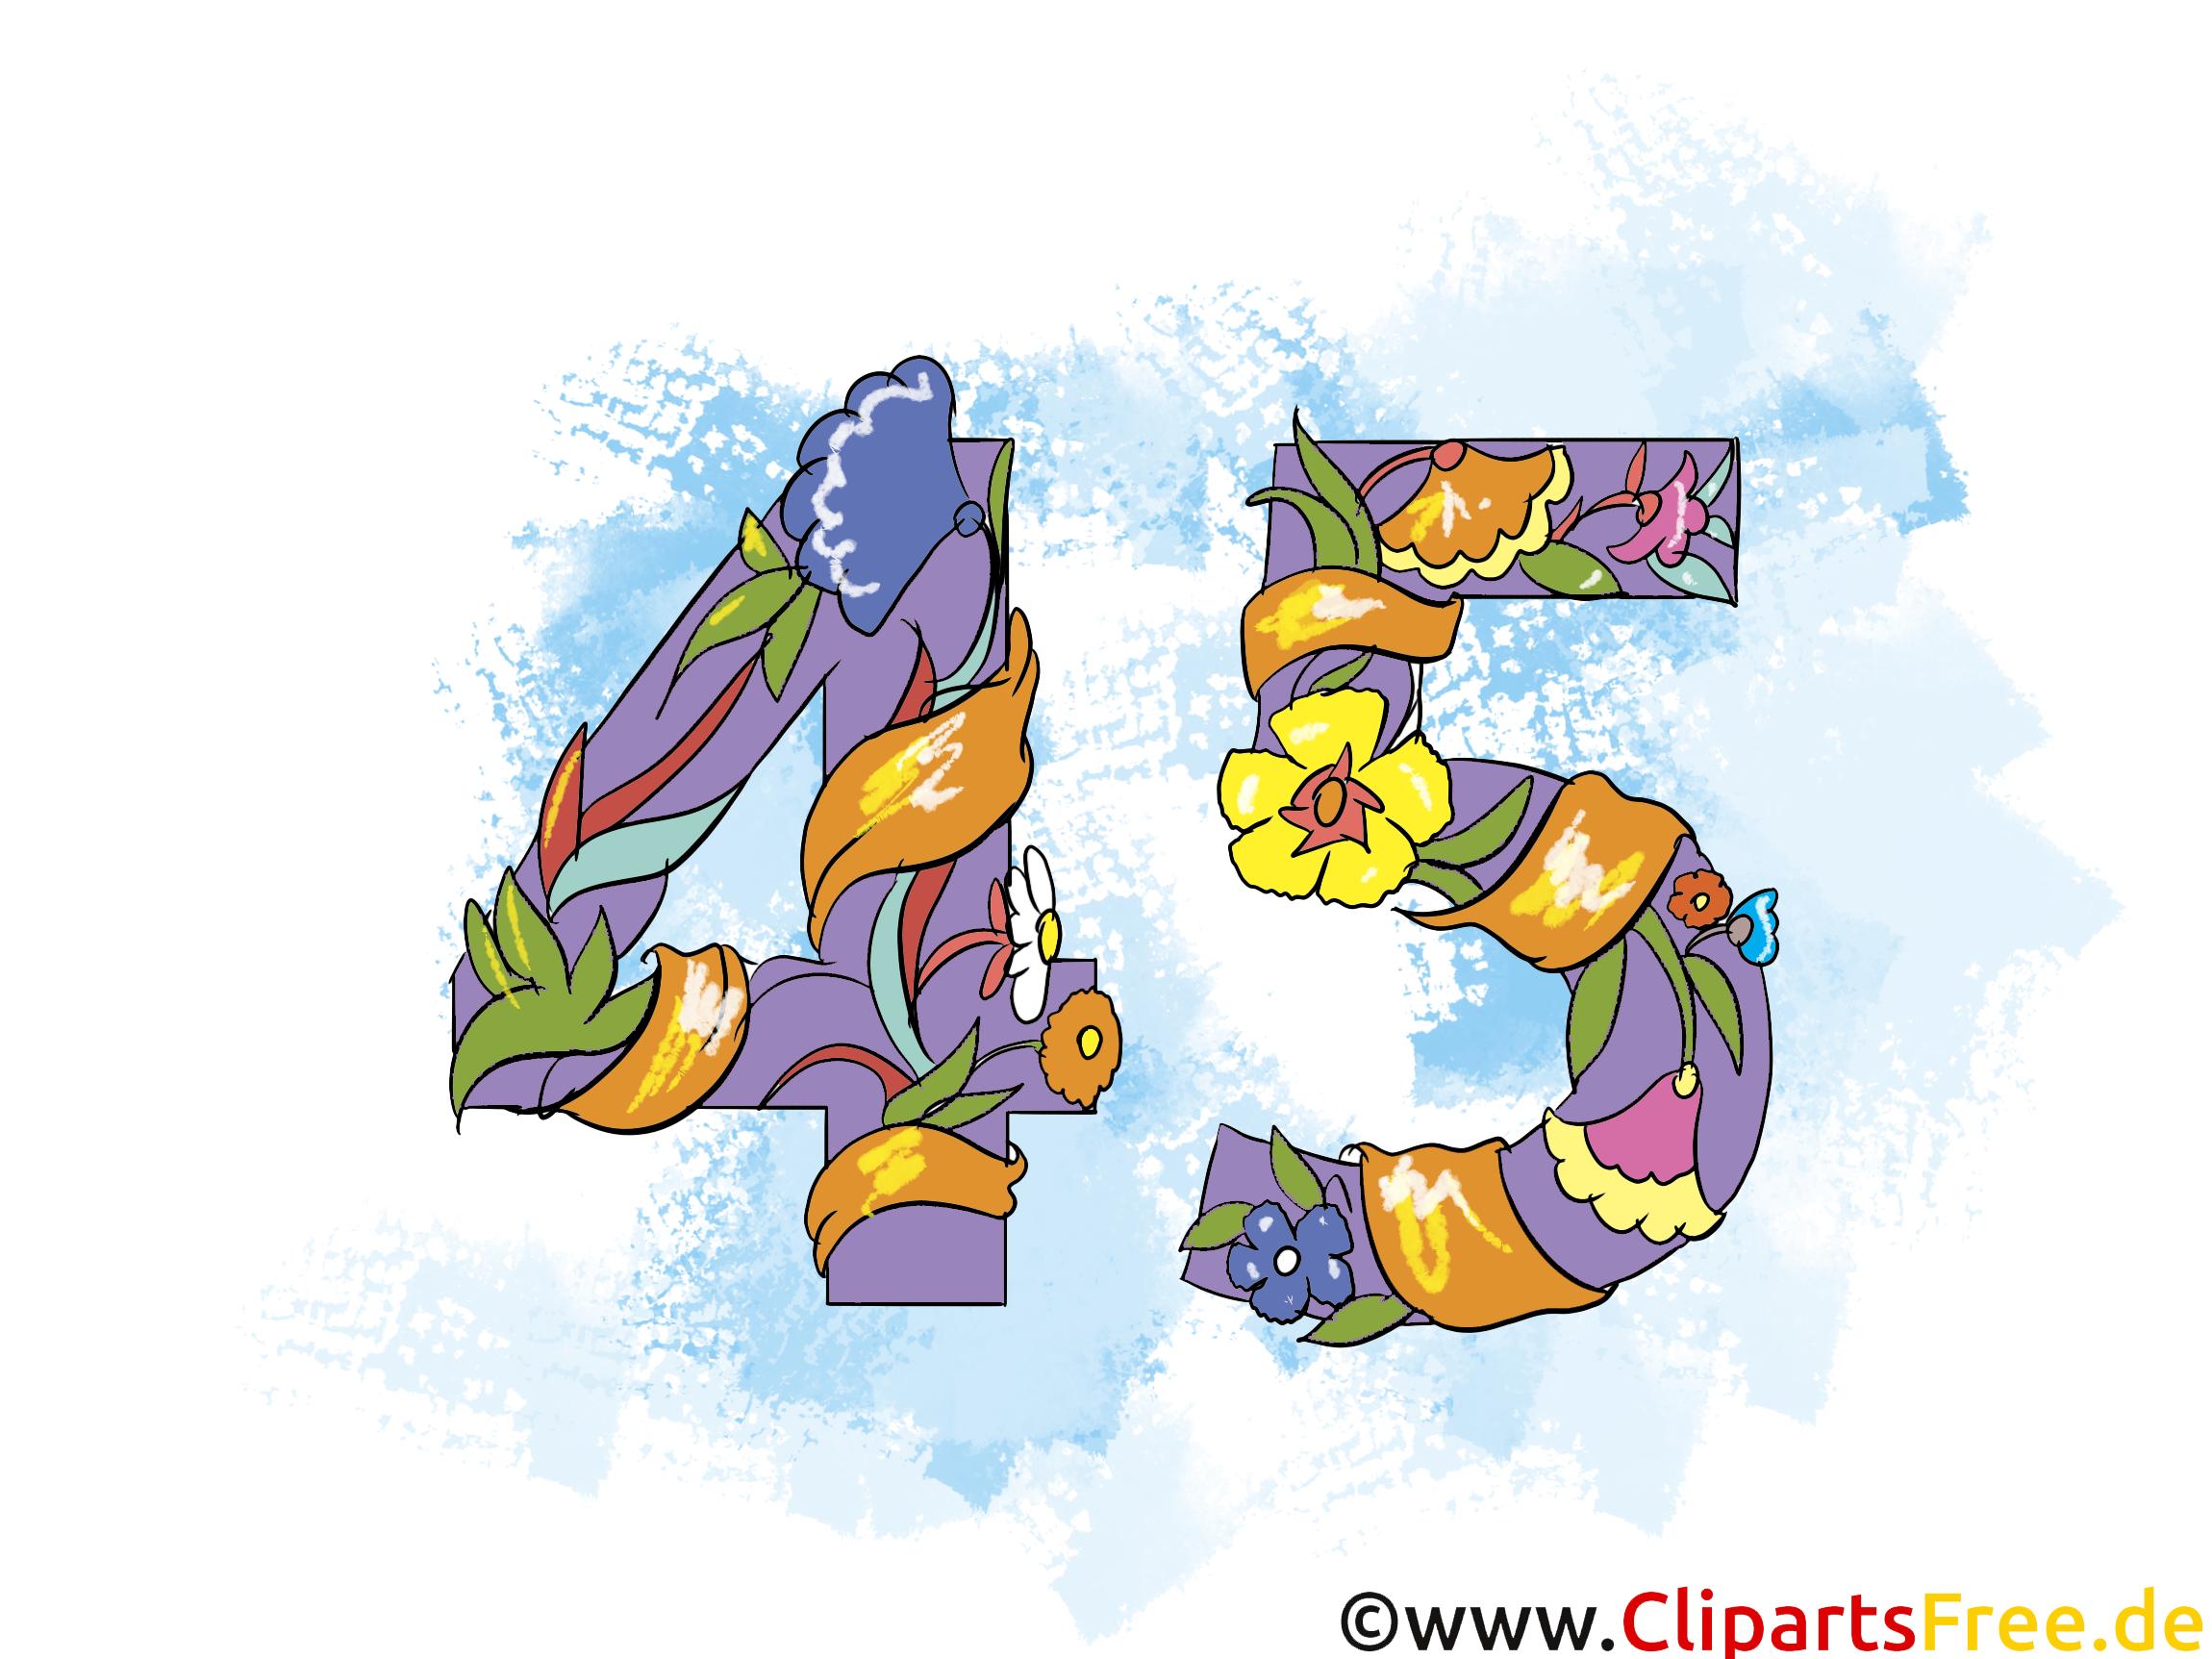 gratulieren zum geburtstag 45 jahre - clipart, grusskarte, Einladung